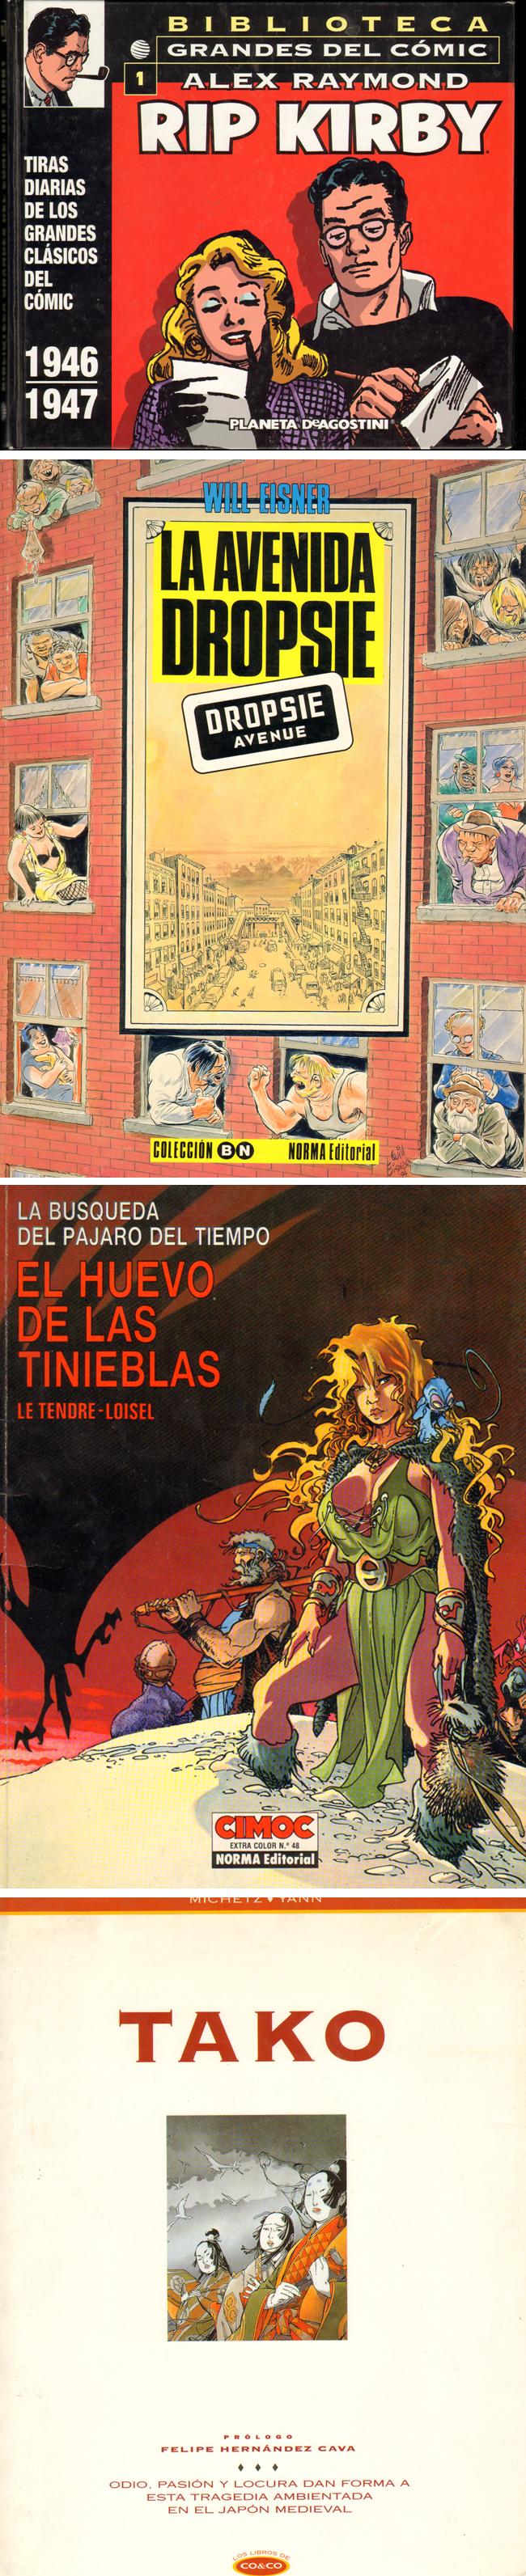 nuevos-libros-consulta-academiac10-biblioteca-madrid